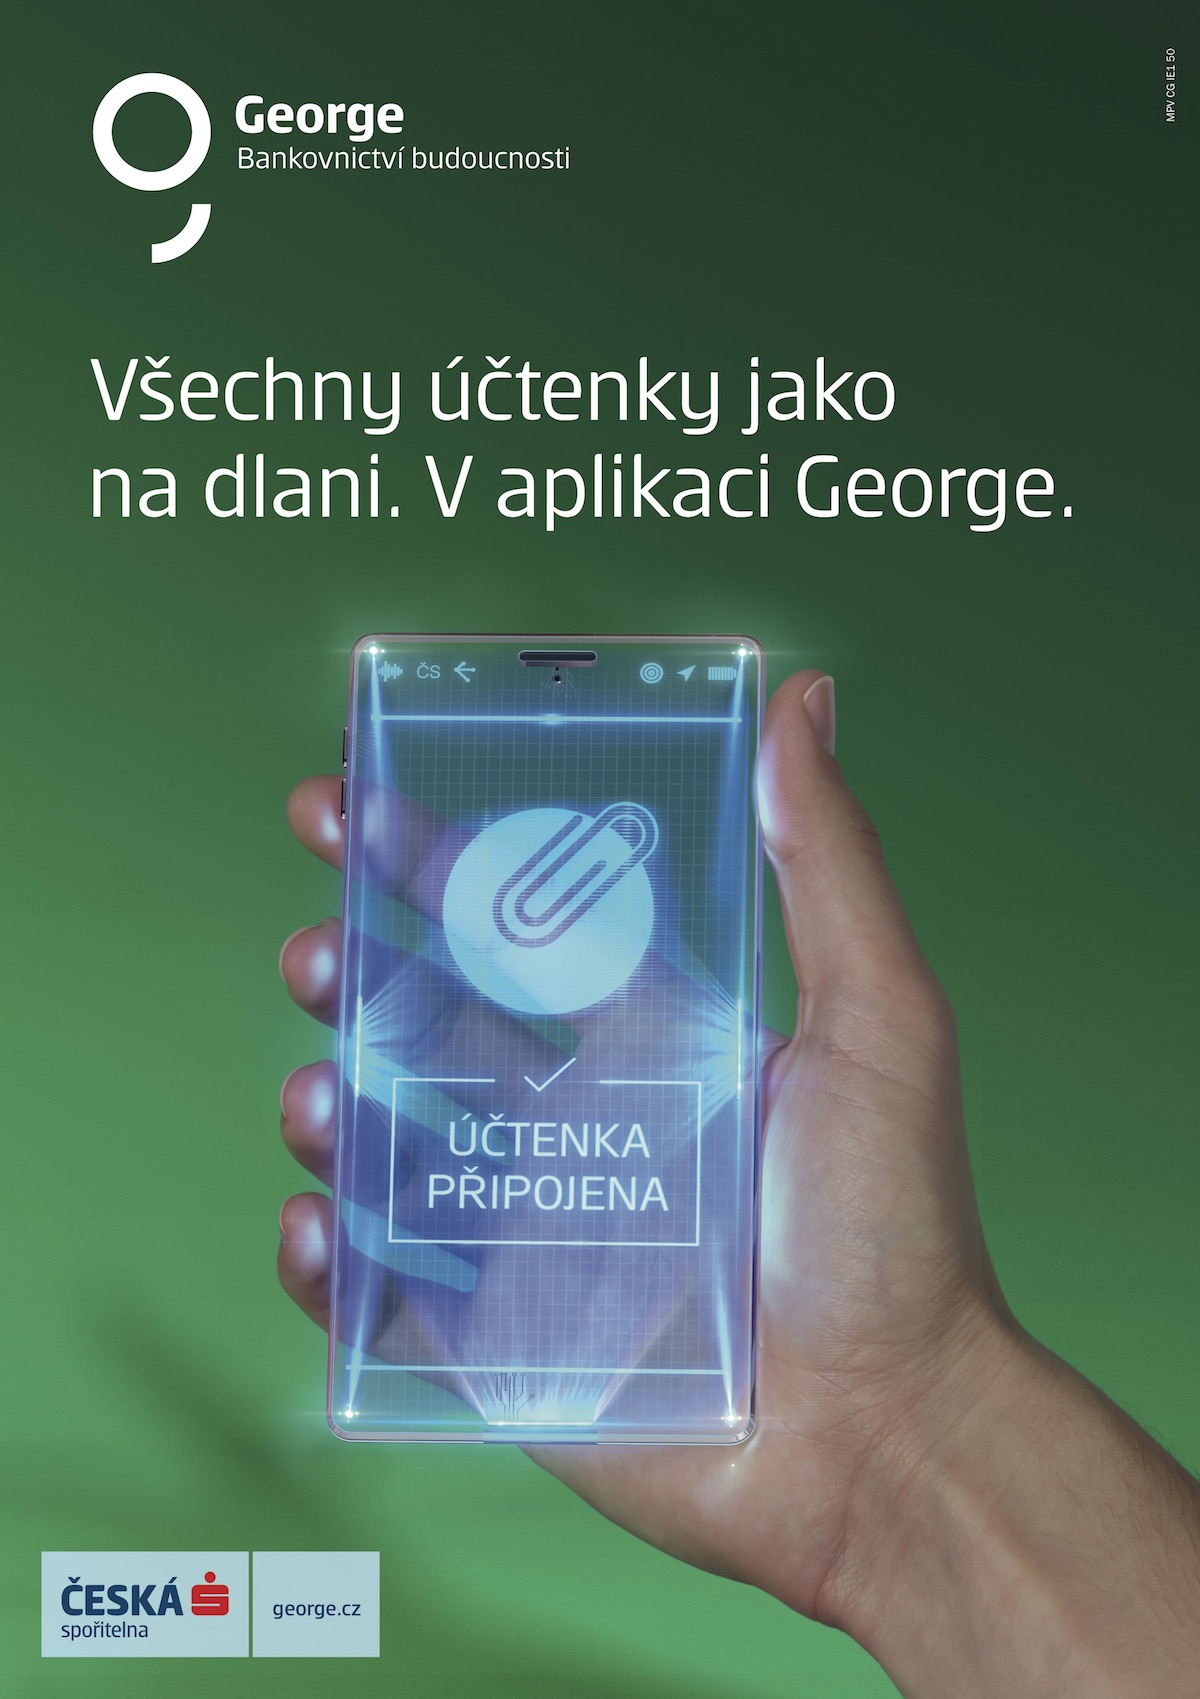 Mobilní aplikace George ukazuje své funkce